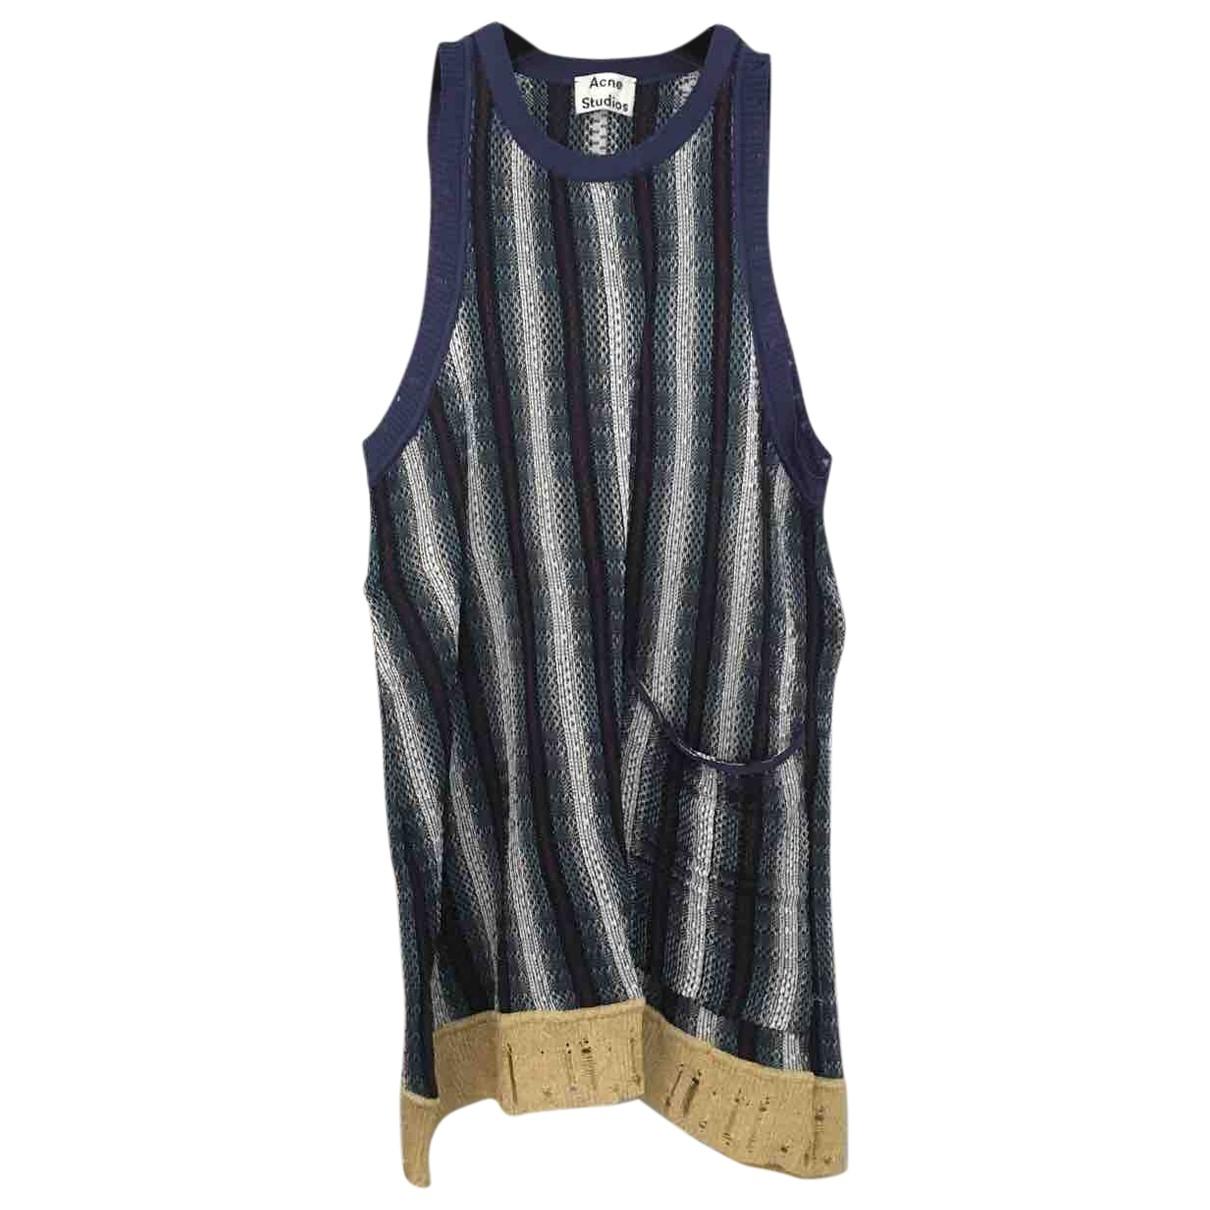 Acne Studios \N Multicolour Knitwear for Women One Size FR